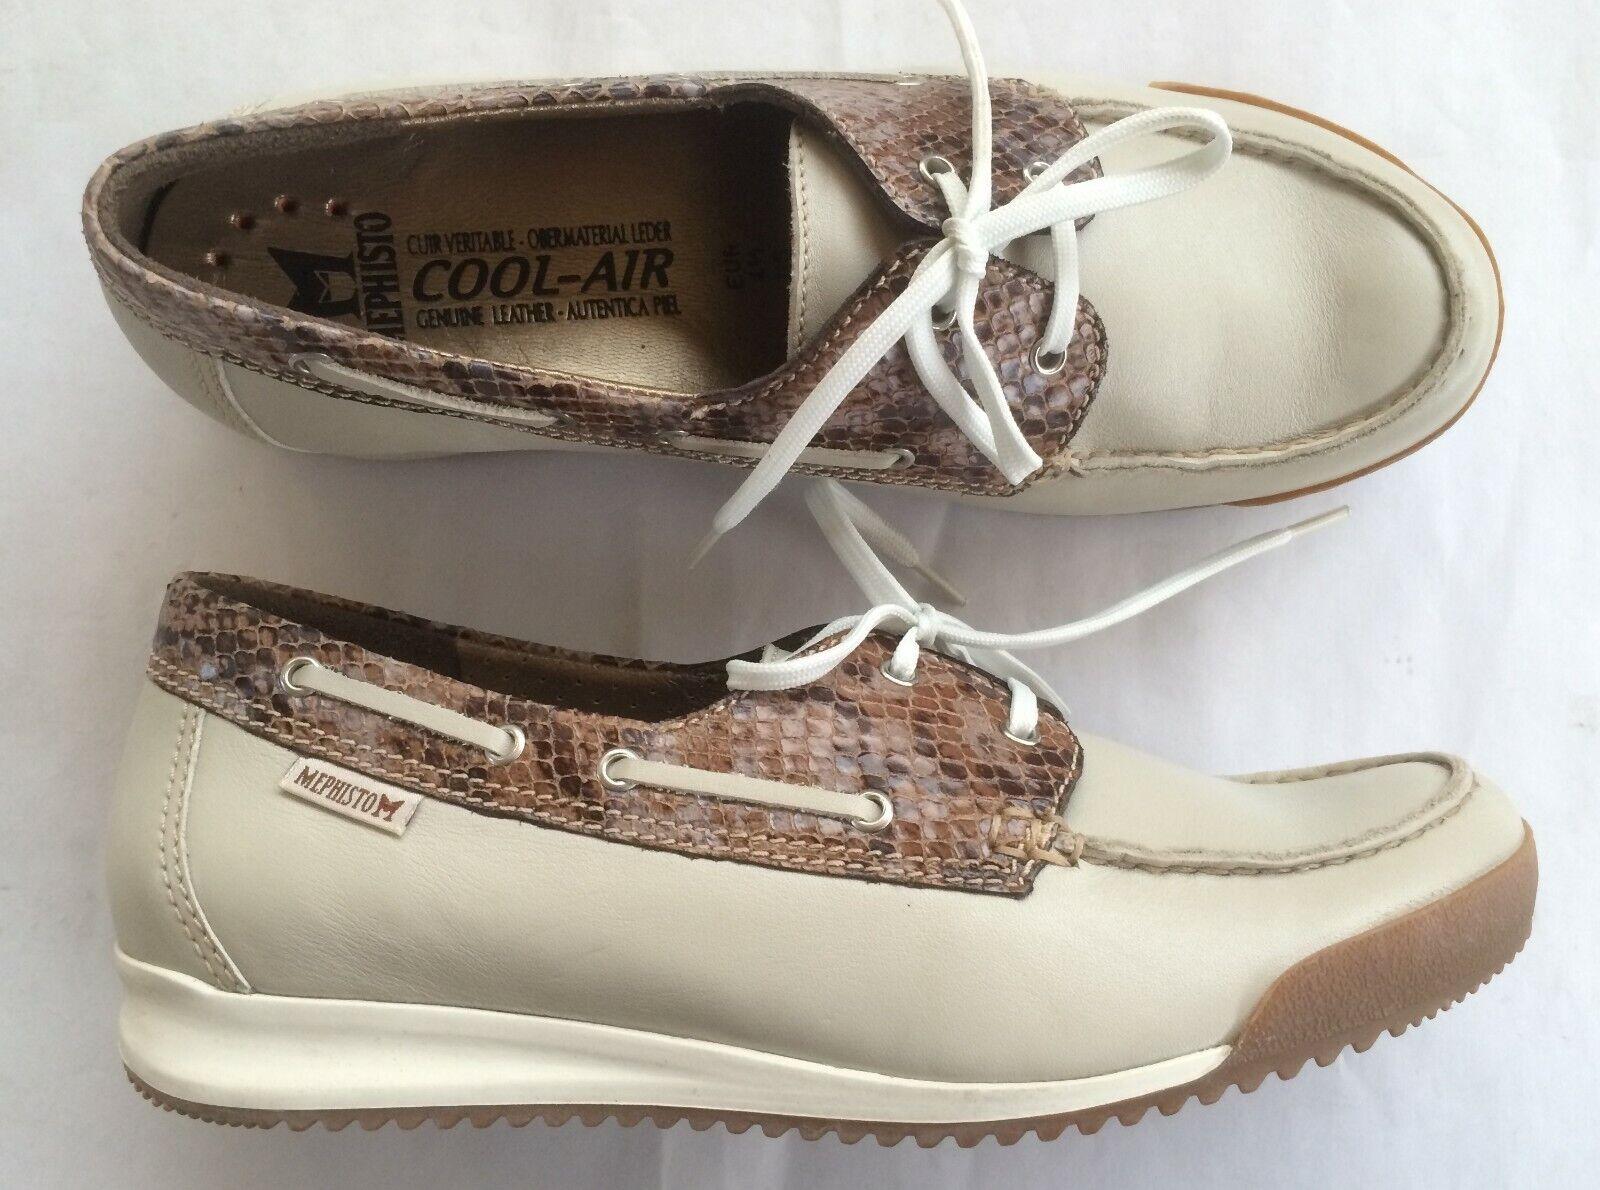 Chaussures bateau MEPHISTO neuves beige et marron 37,5